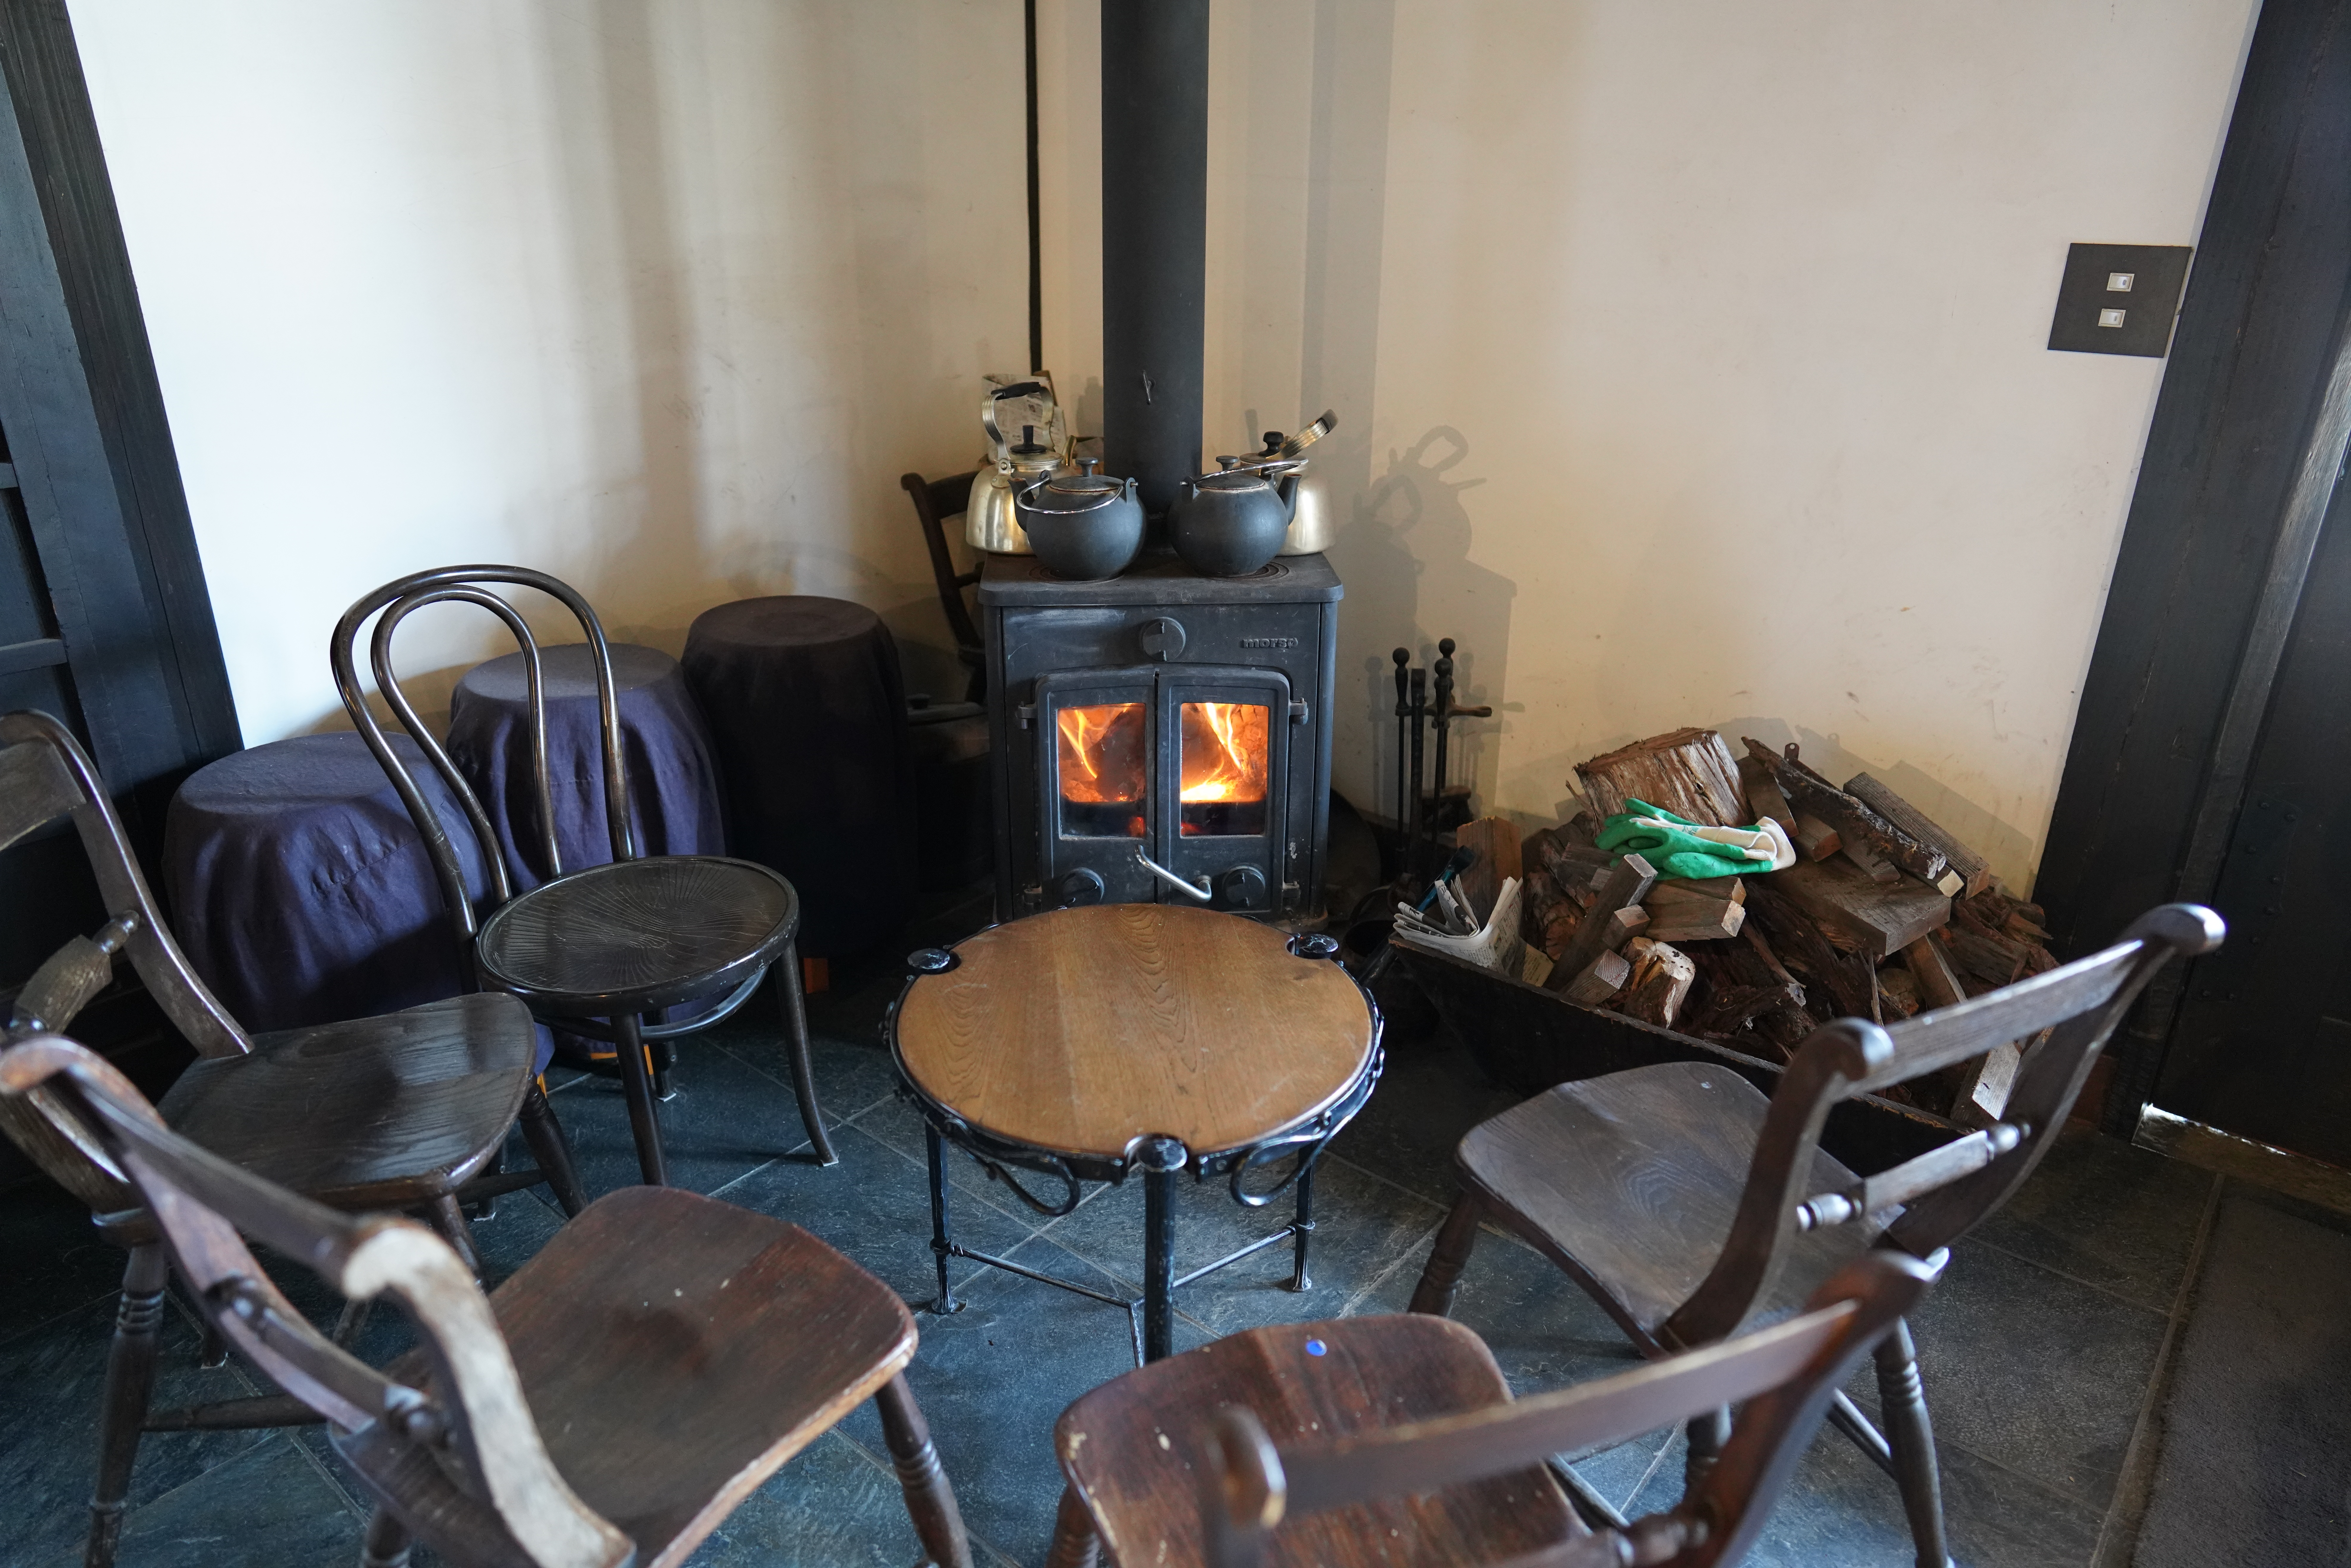 Winter comforts at Haramo Winery.